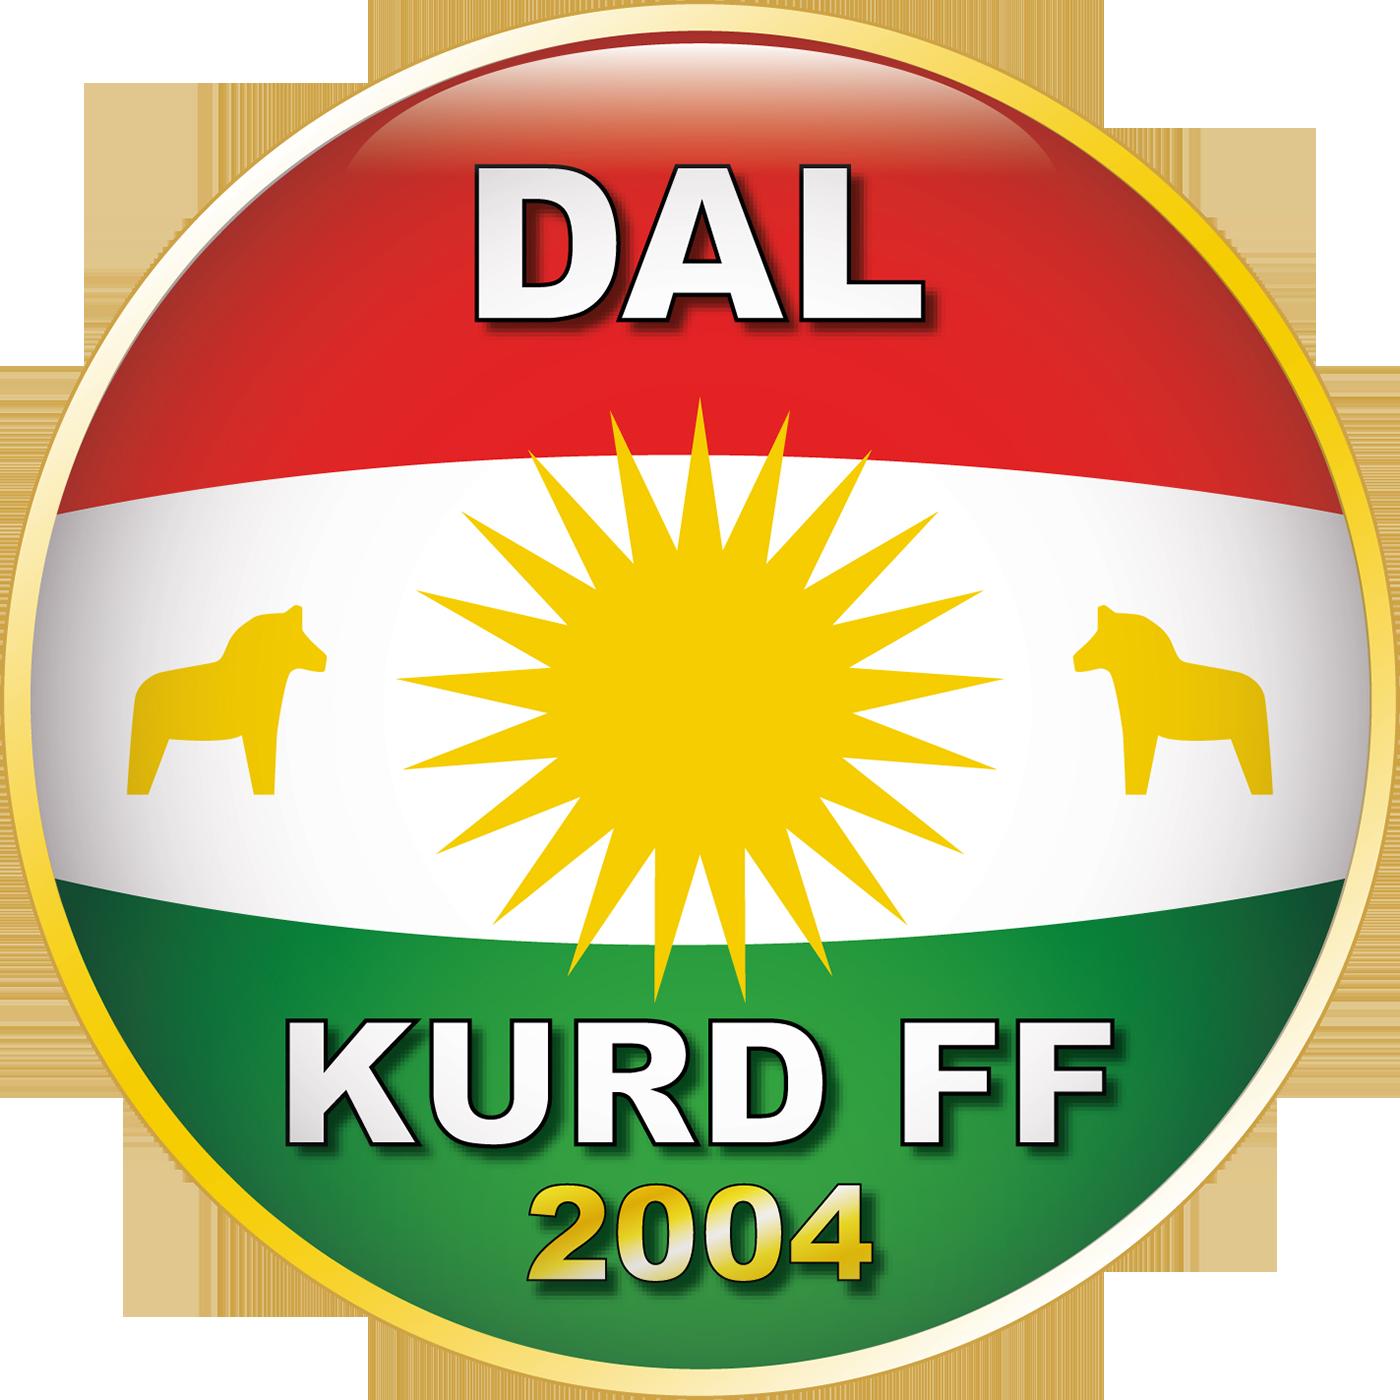 Dalkurd_FF